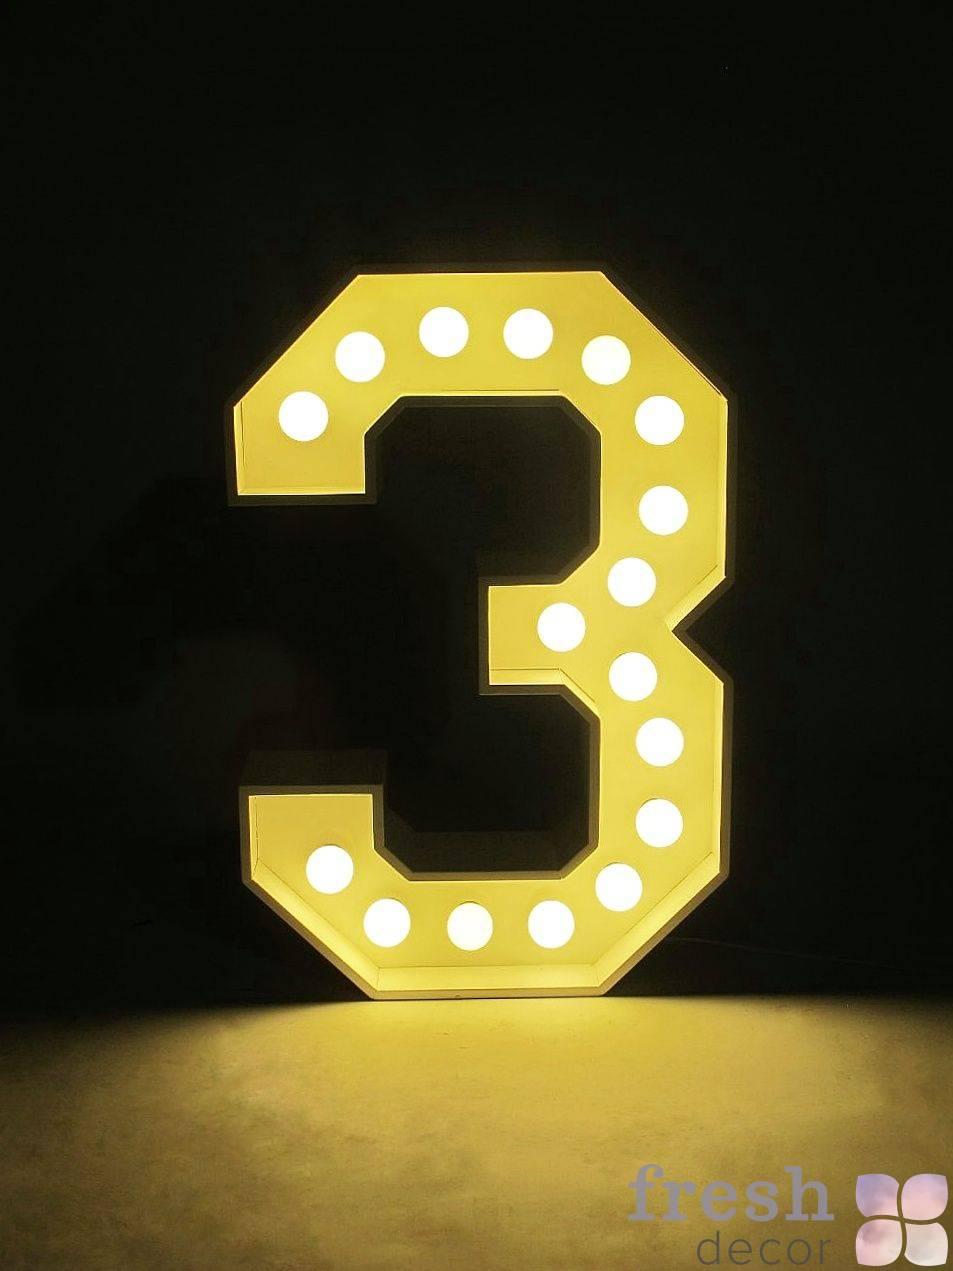 cifr 3 s lampochkami v arendu